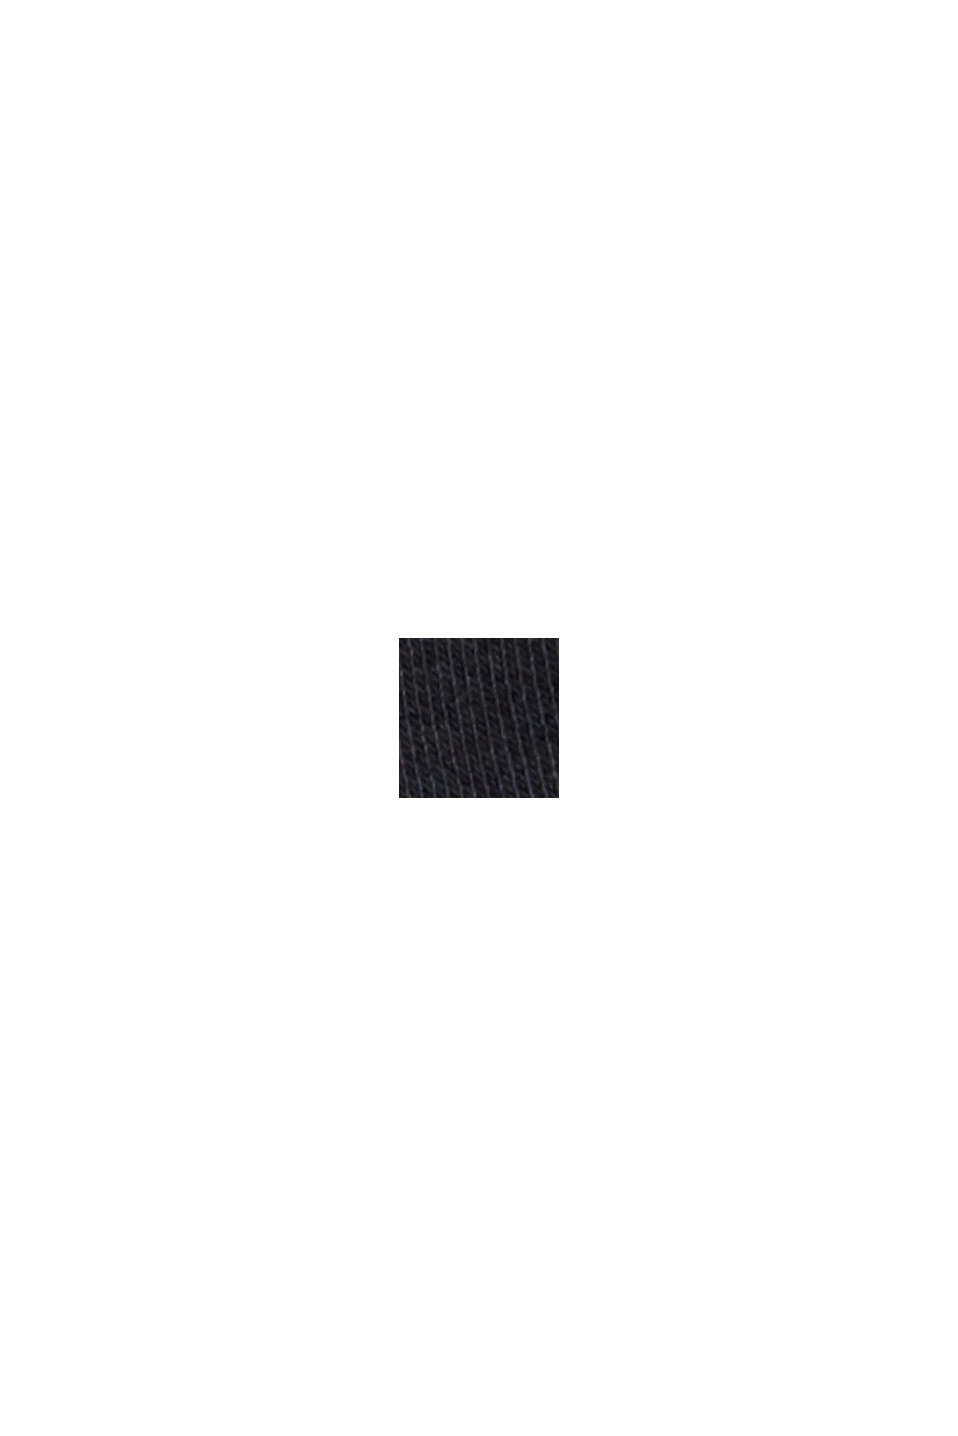 Pantalon de jogging en coton biologique mélangé, BLACK, swatch